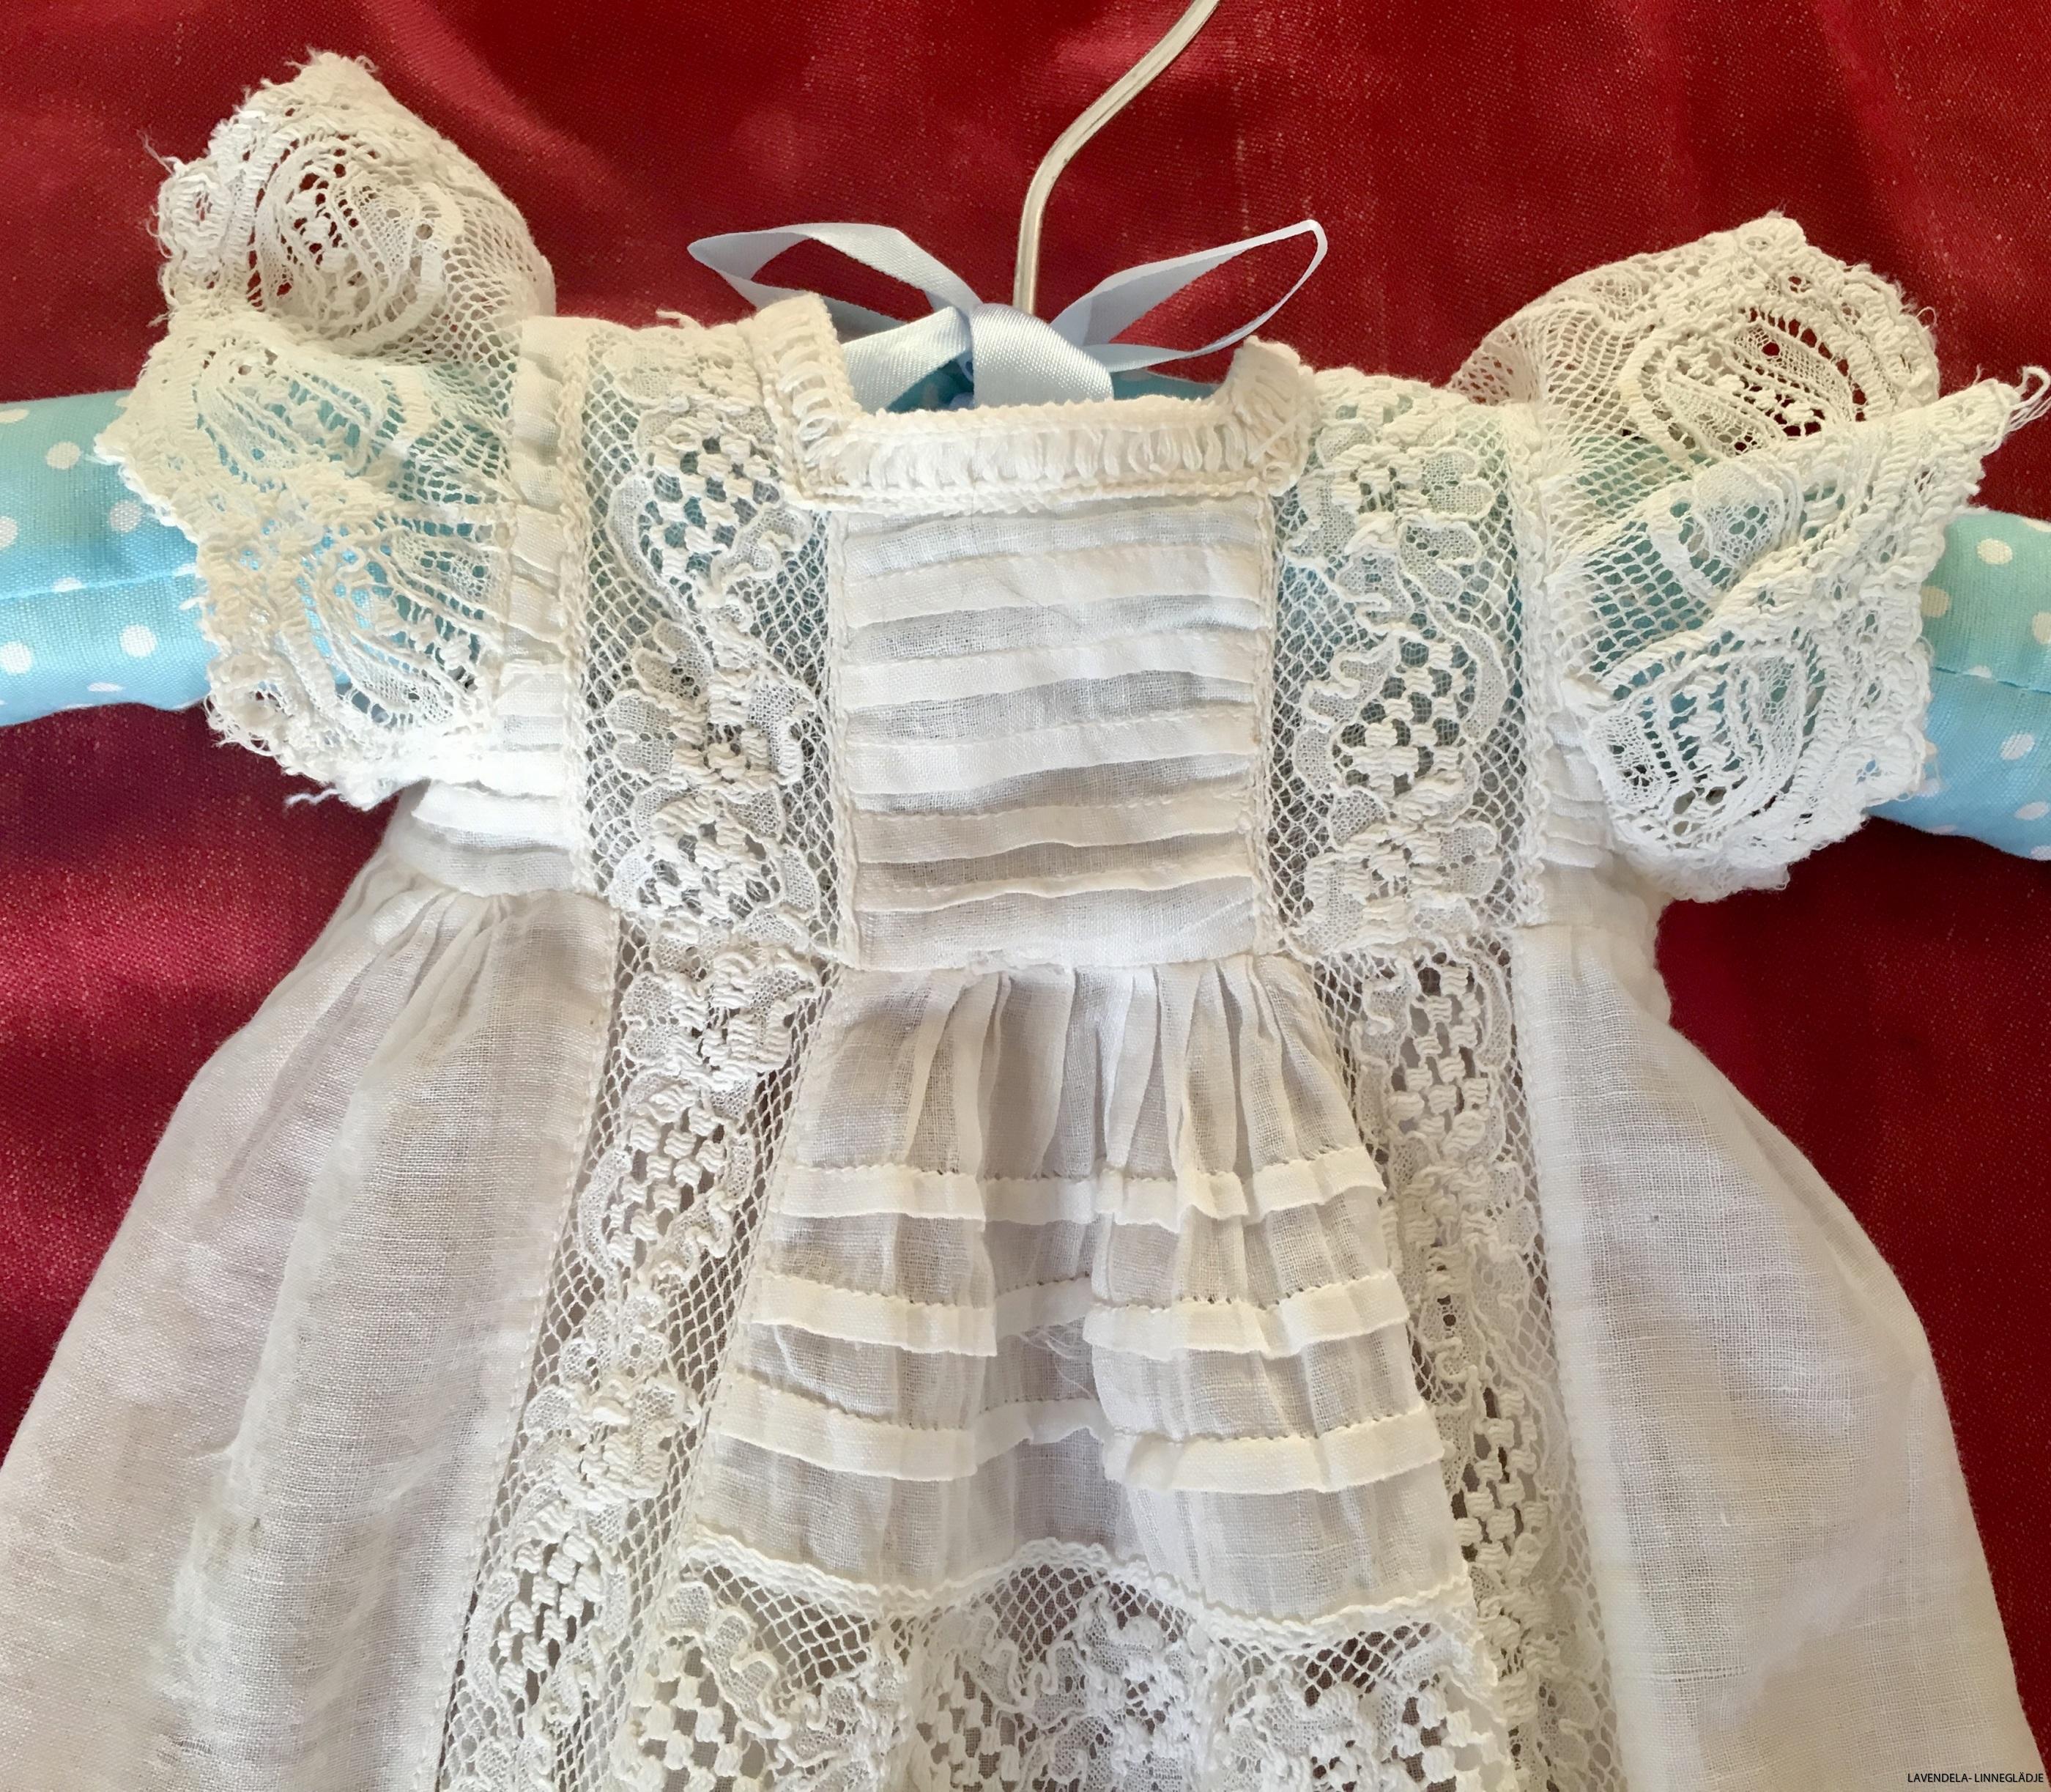 Ljuvligaste klänningen?